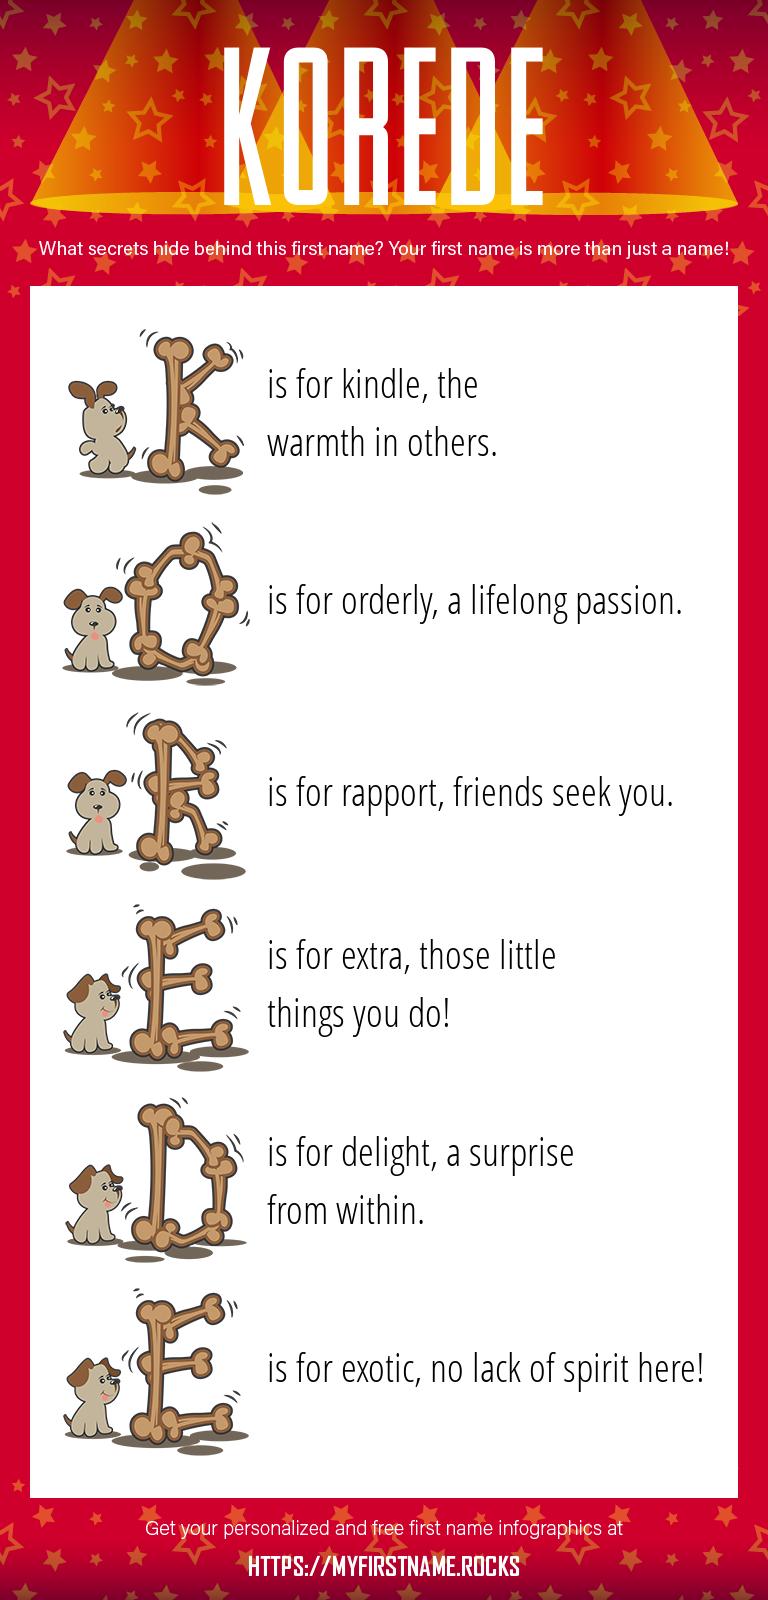 Korede Infographics